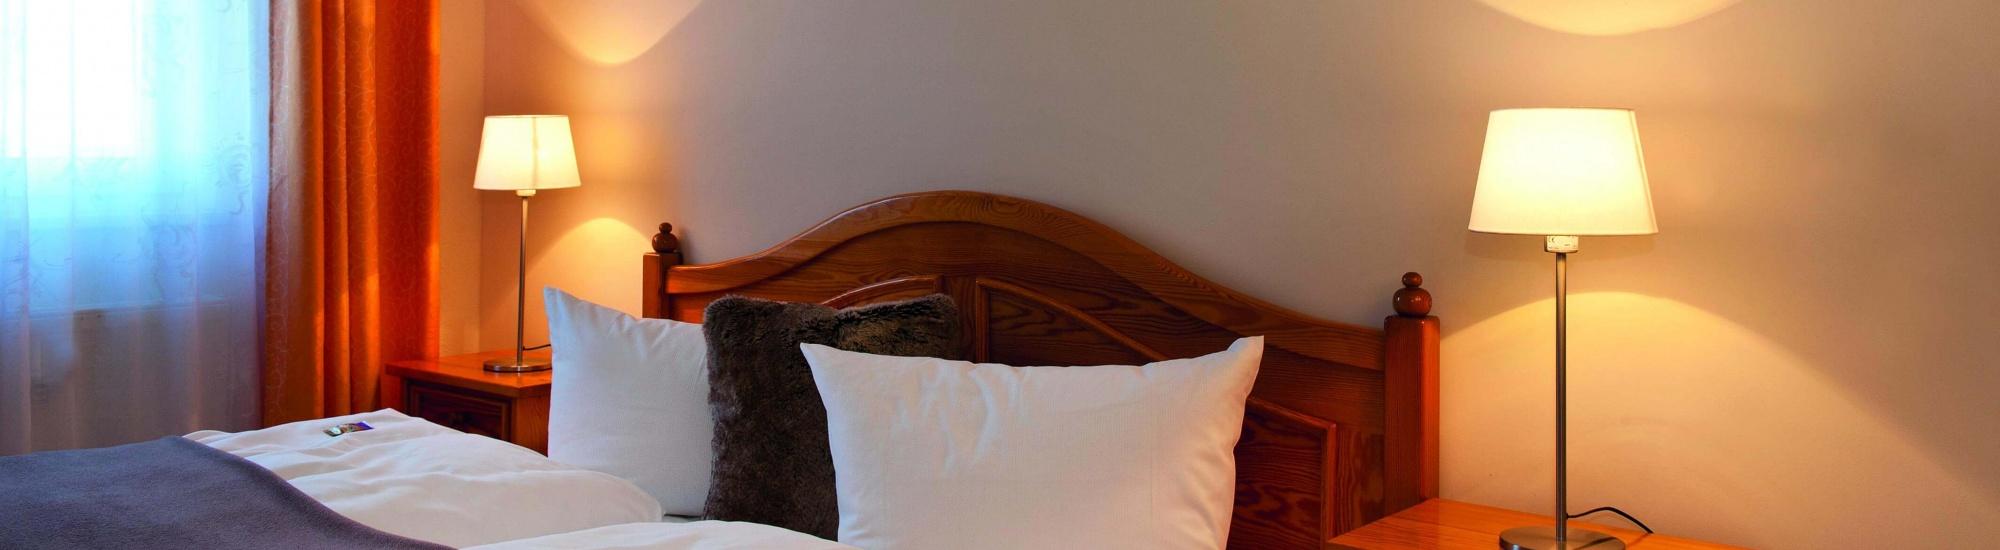 schlafzimmer-landhaus-weissig-1